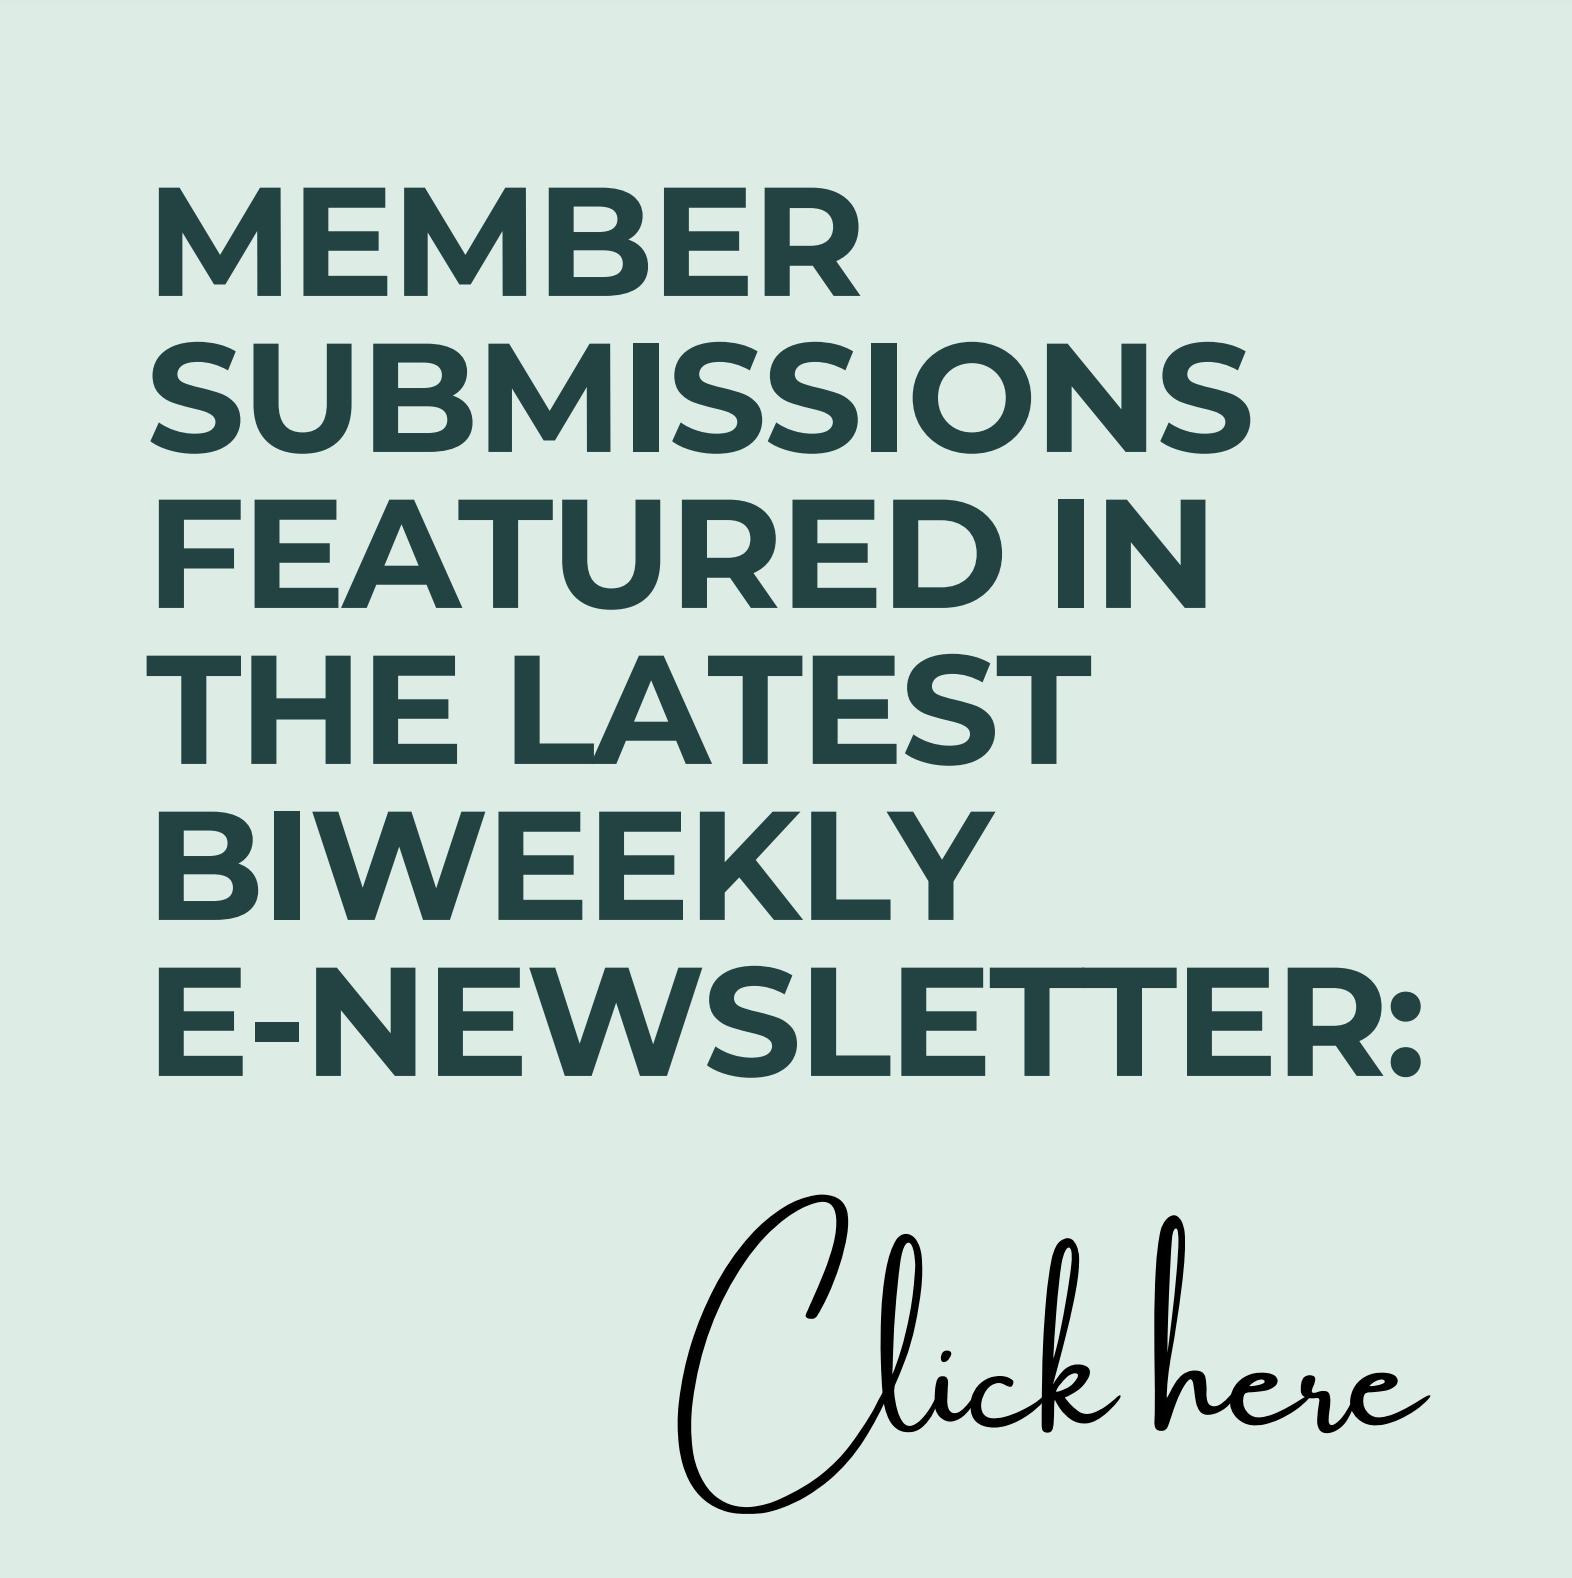 MemberSubmissionsforEnews.png